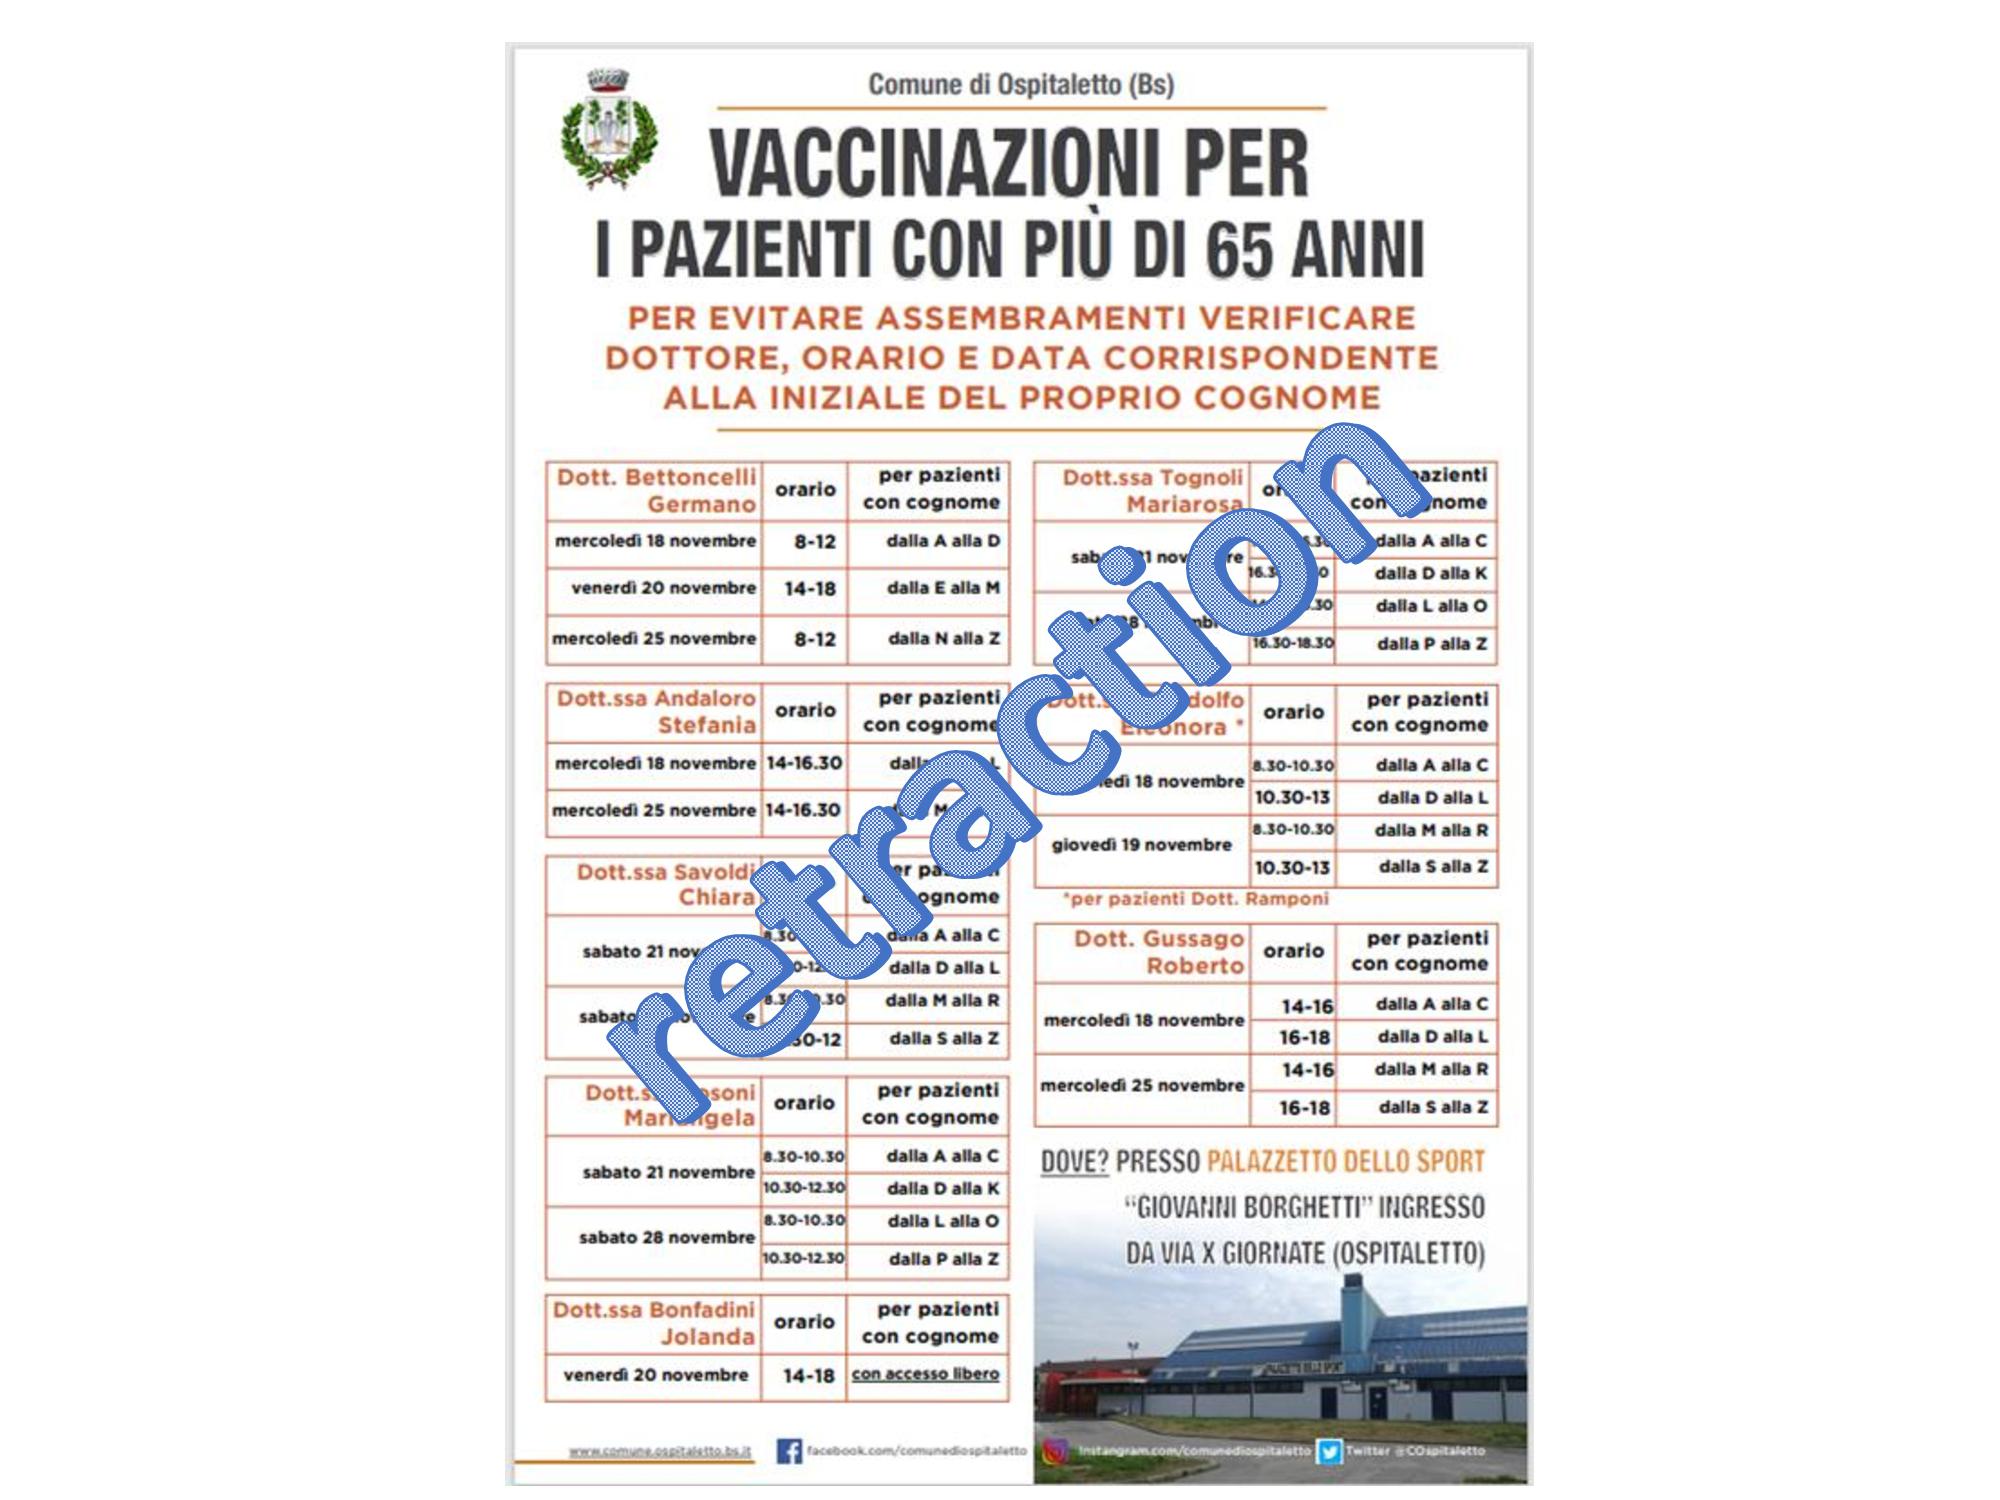 locandina del comune di ospitaletto per le vaccinazioni antinuenzali